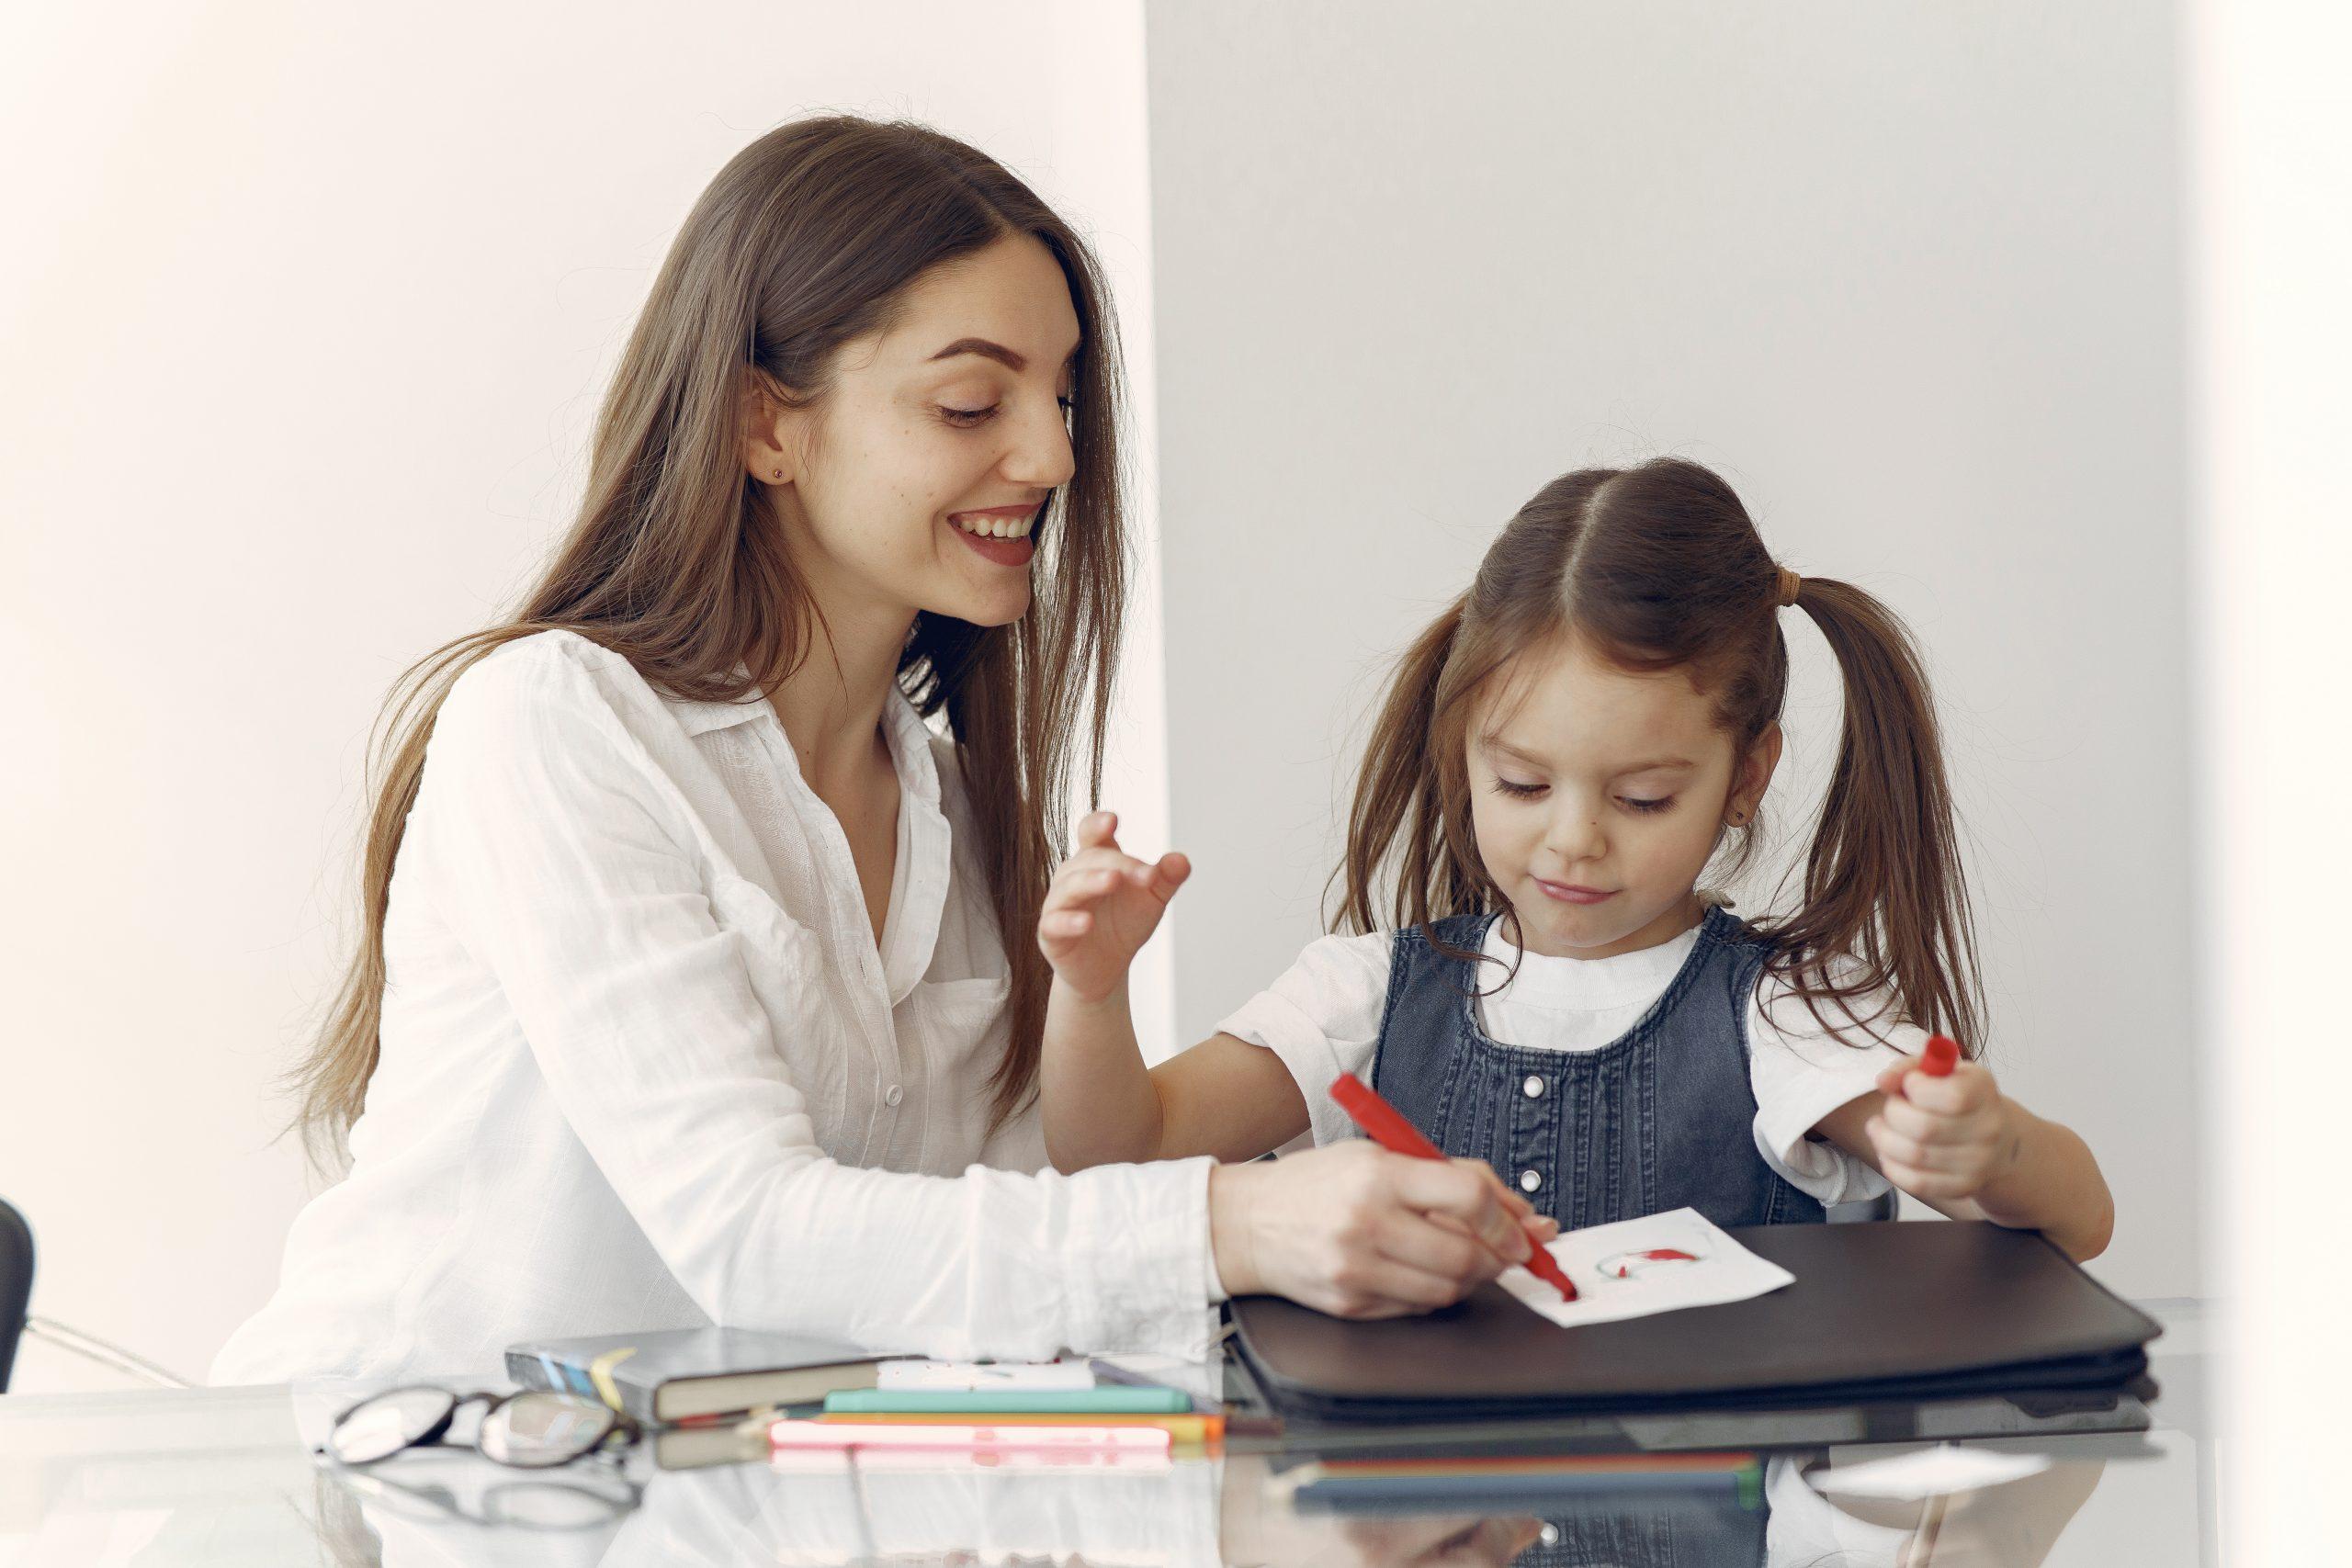 madre haciendo homeschooling con su hija